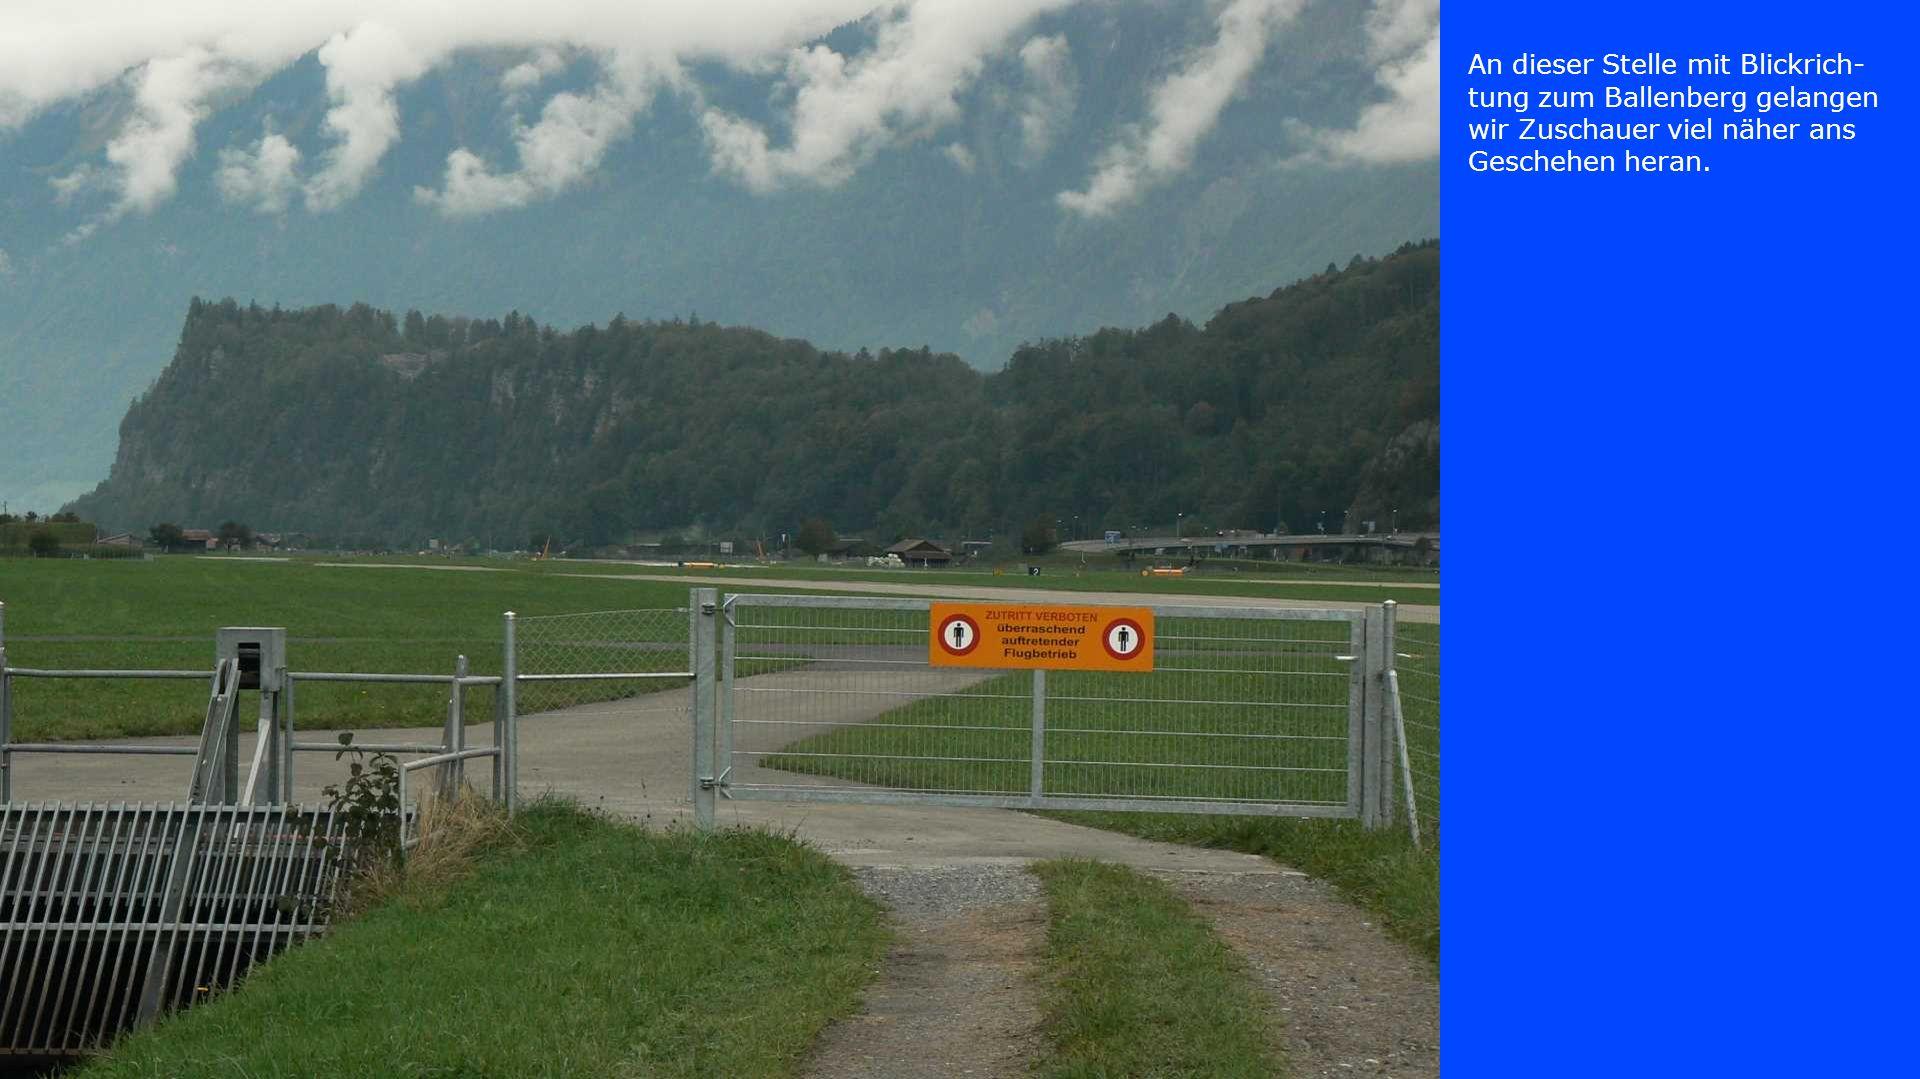 An dieser Stelle mit Blickrich- tung zum Ballenberg gelangen wir Zuschauer viel näher ans Geschehen heran.